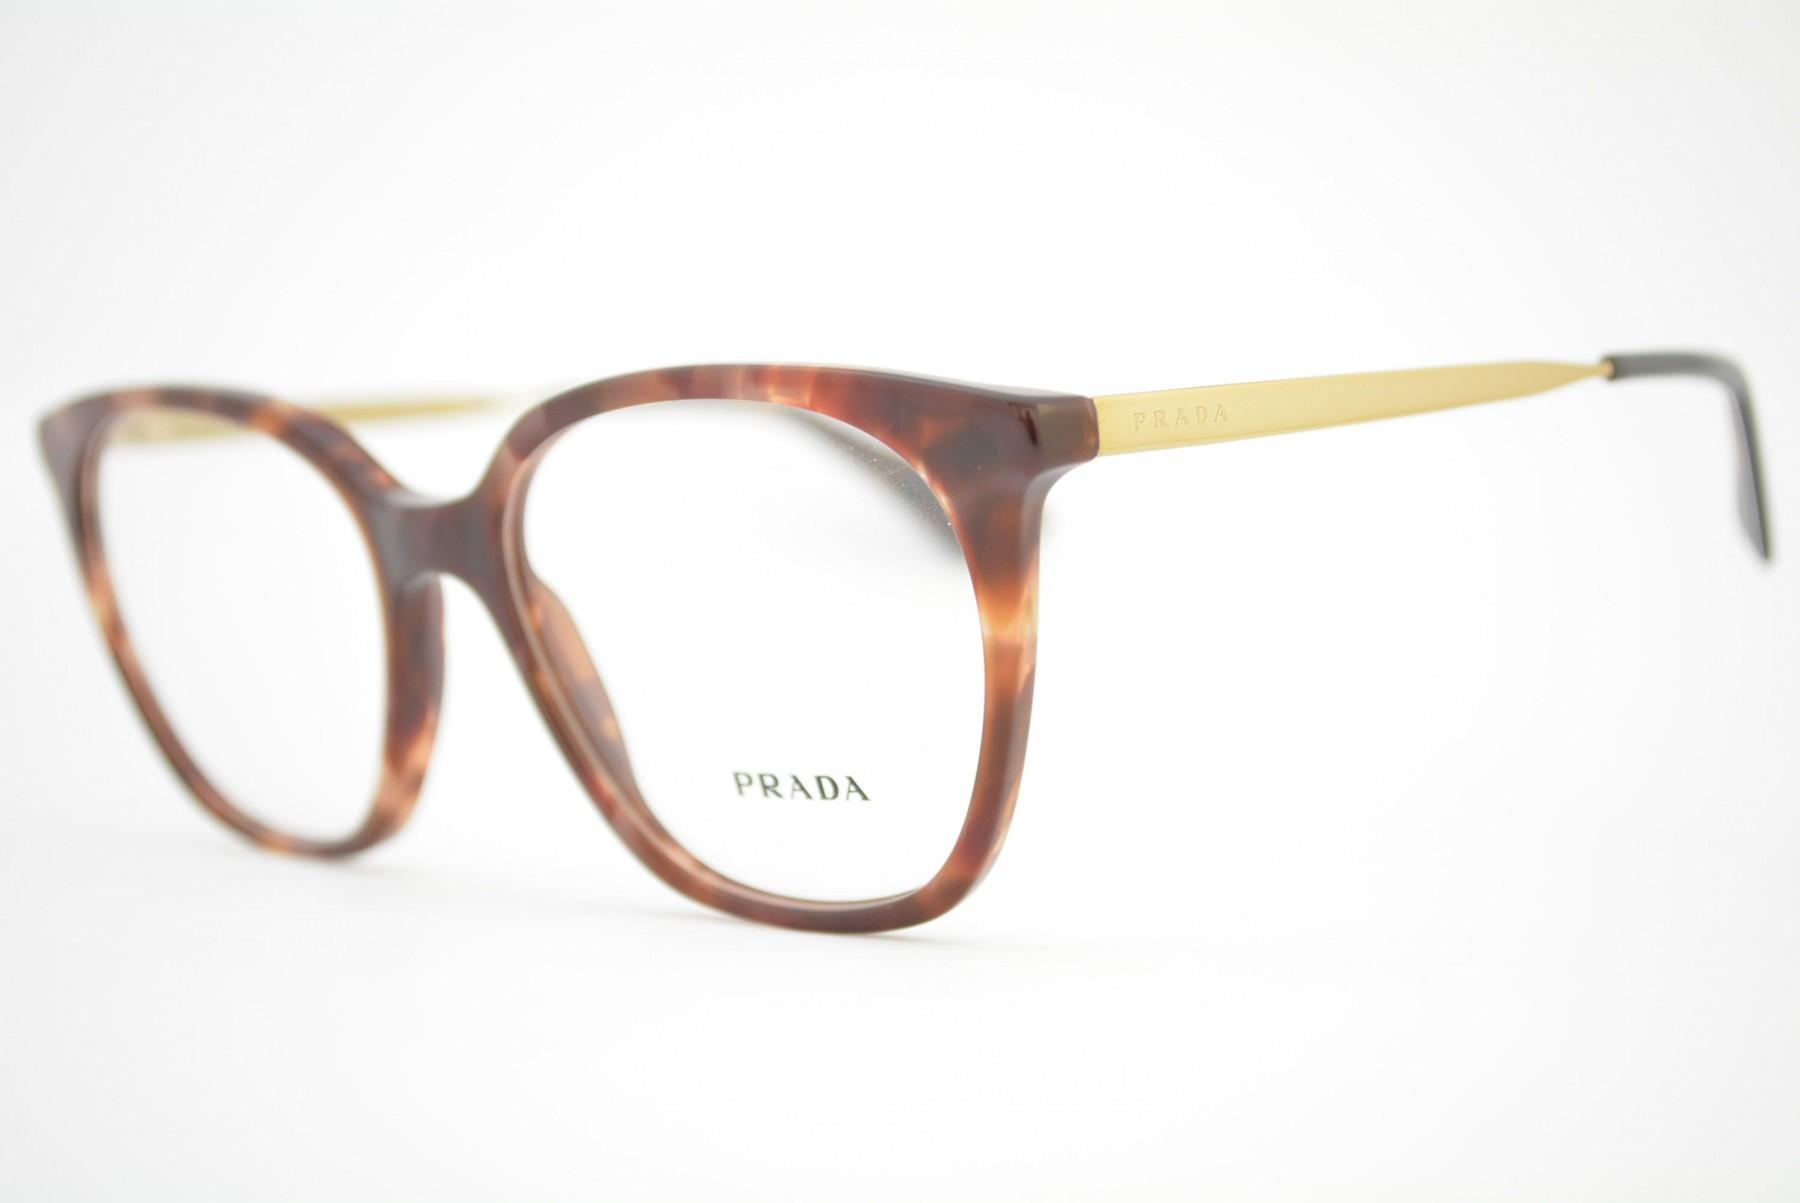 431debf18 armação de óculos Prada mod vpr11T UE0-1O1. Código: vpr11t ue0-1o1